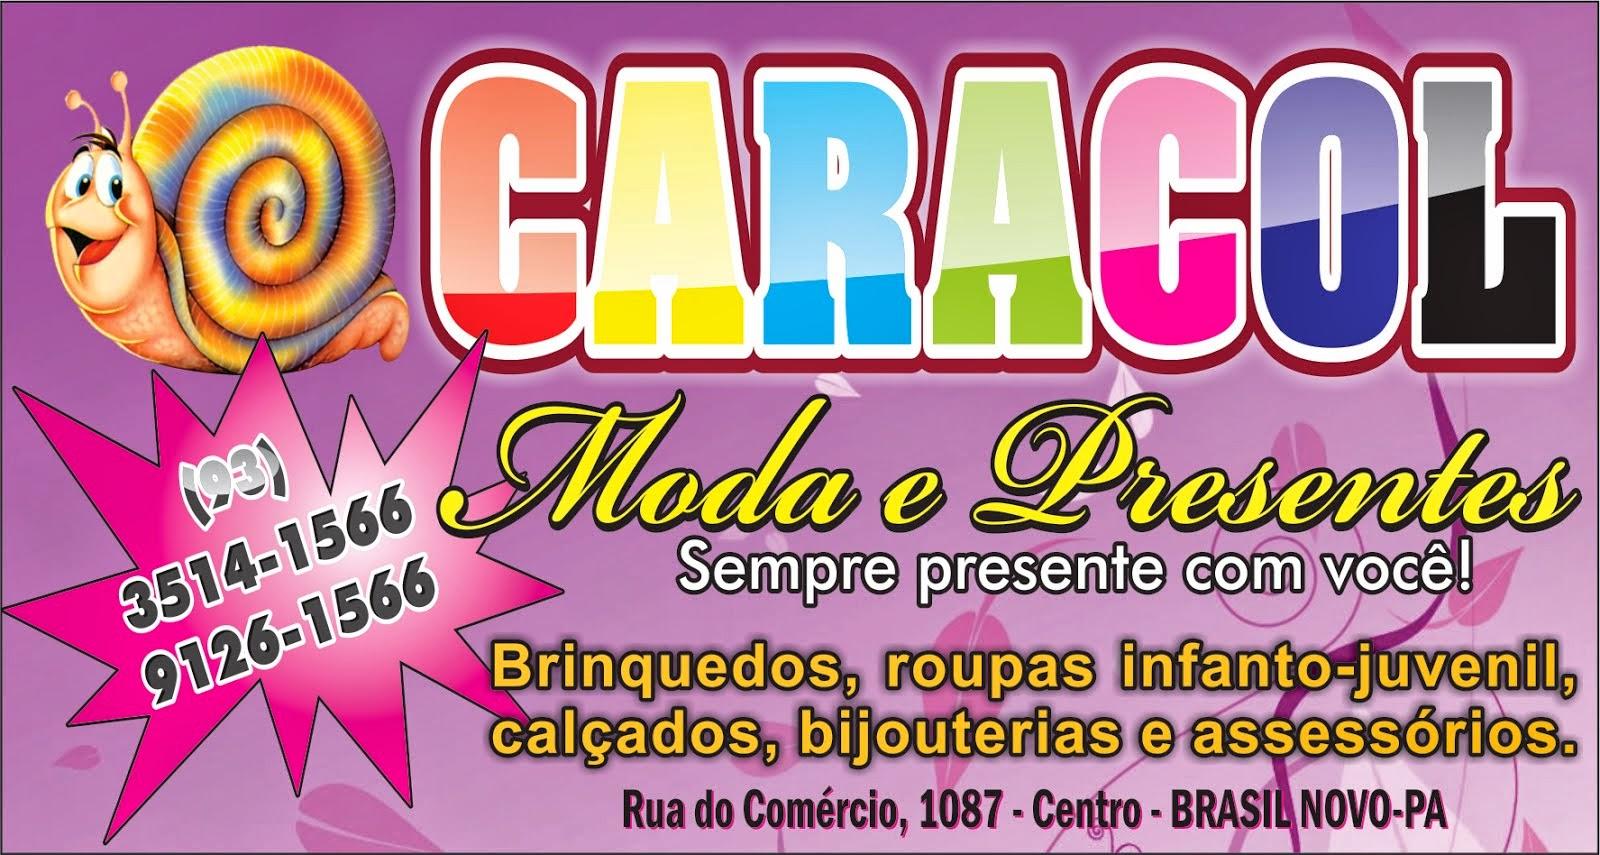 CARACOL MODAS E PRESENTES